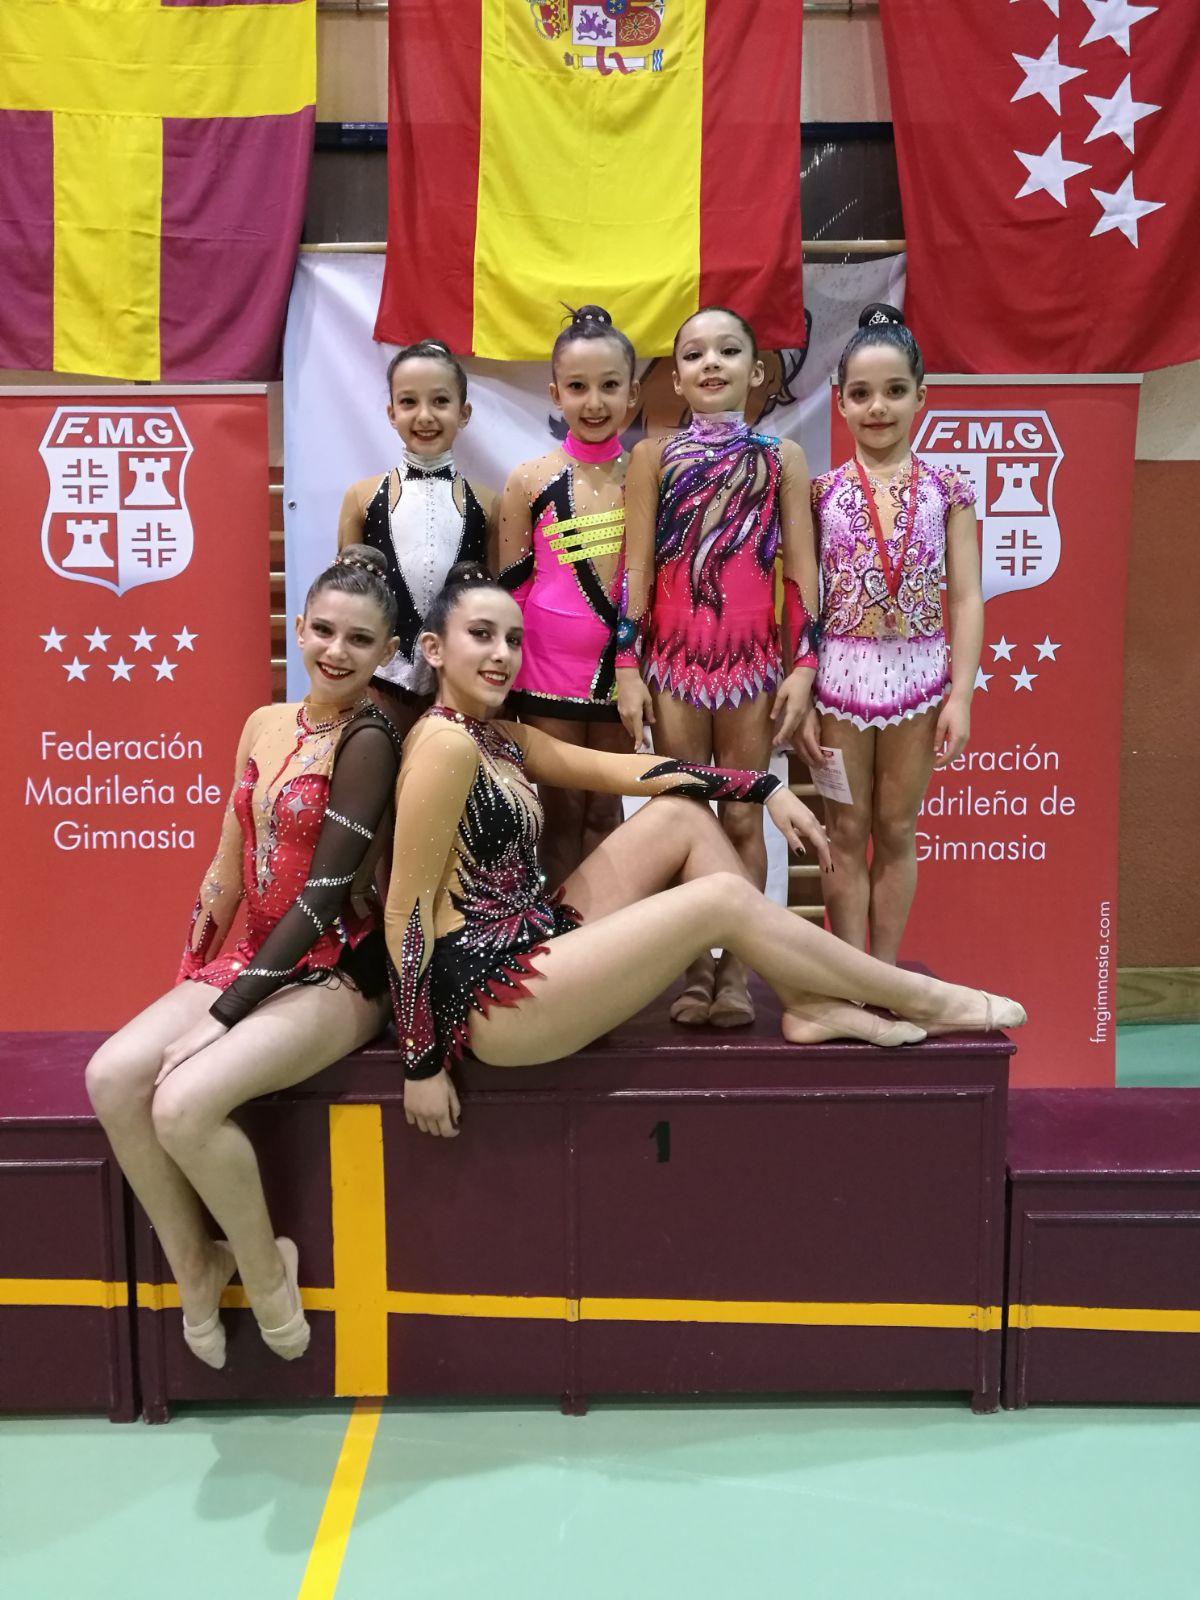 El CGR Velilla ha conseguido clasificar a seis de sus gimnastas para el Campeonato de España Base